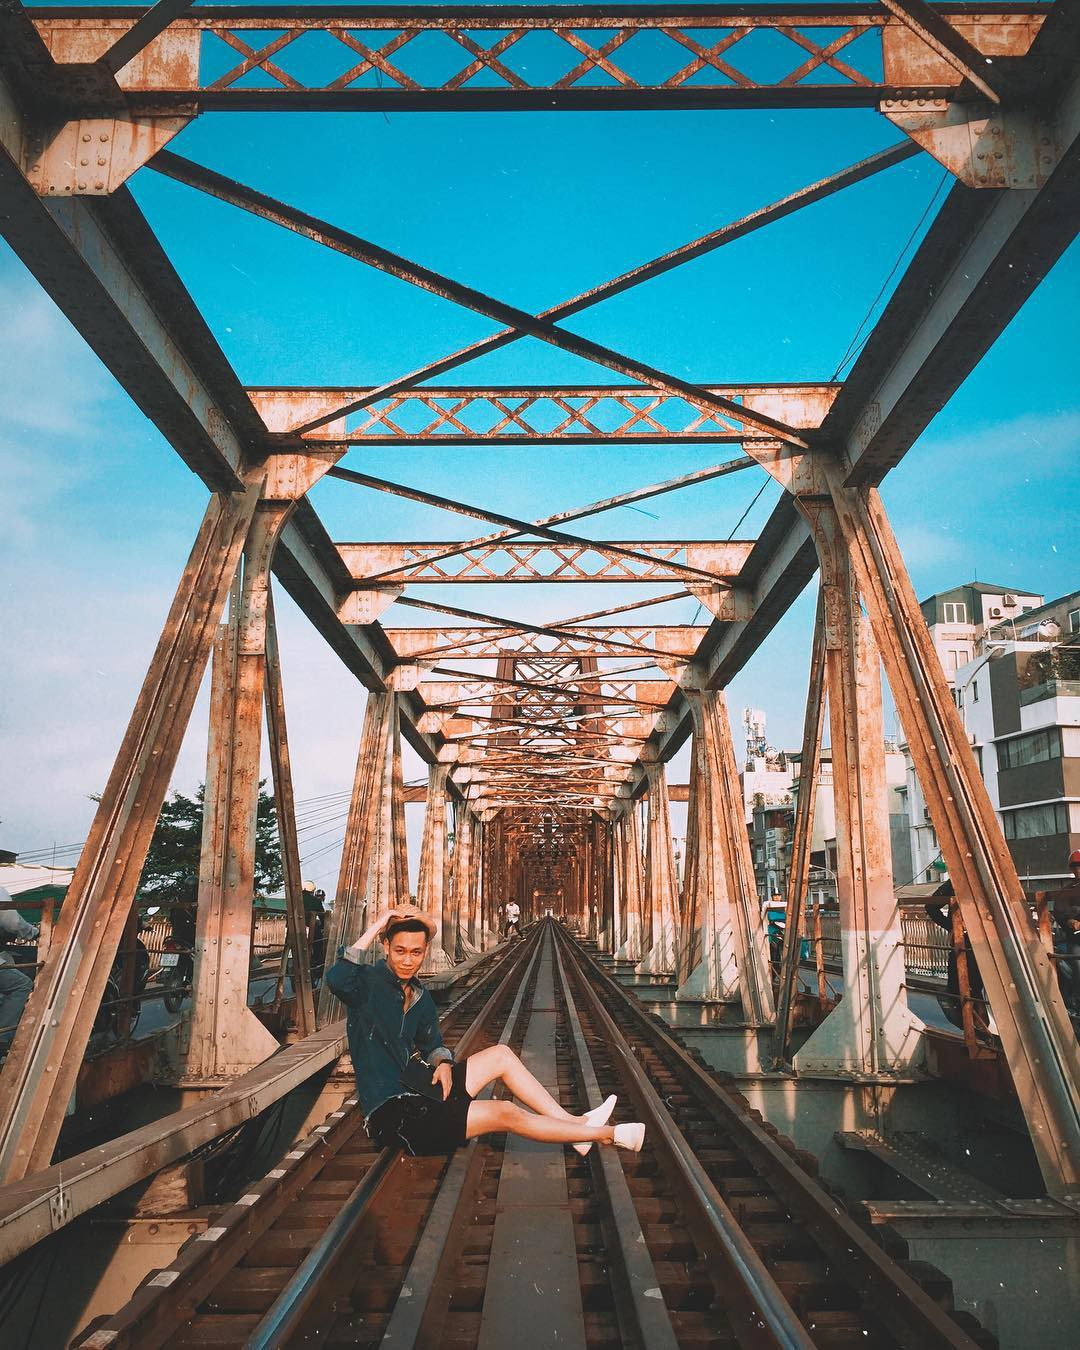 """""""Act cool đứng hình mất 5s"""" trước 8 cây cầu sống ảo đẹp nhất Việt Nam, bạn đã check-in hết chưa? - Ảnh 22."""